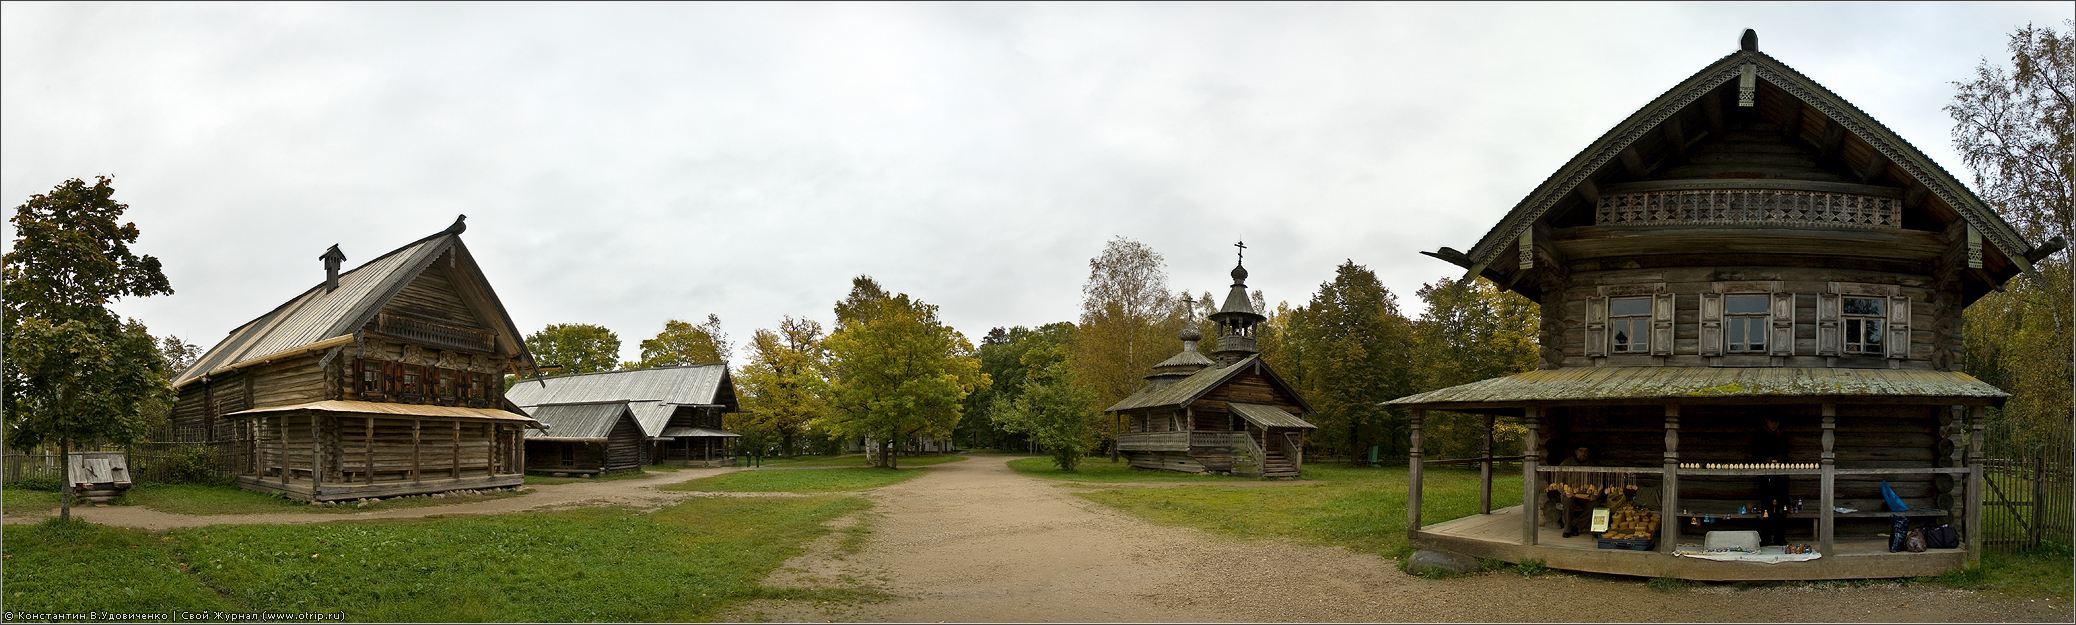 5574-10488x3083s_2.jpg - Великий Новгород (26-27.09.2009)